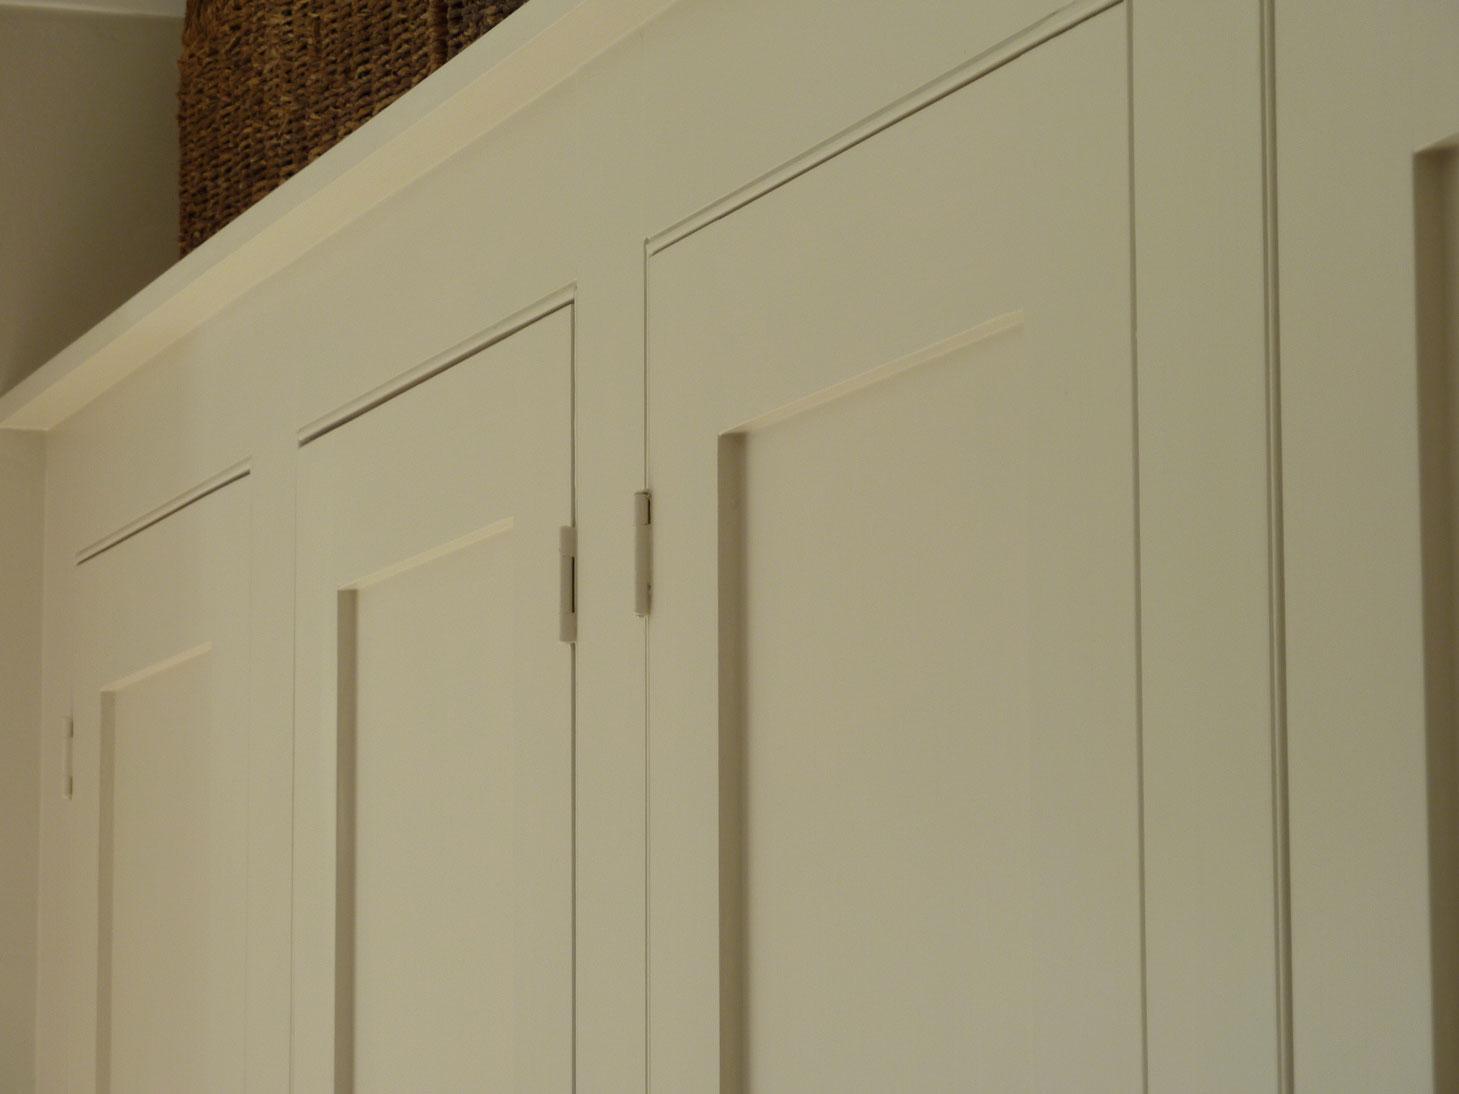 seaside cupboard handmade by peter henderson furniture brighton uk